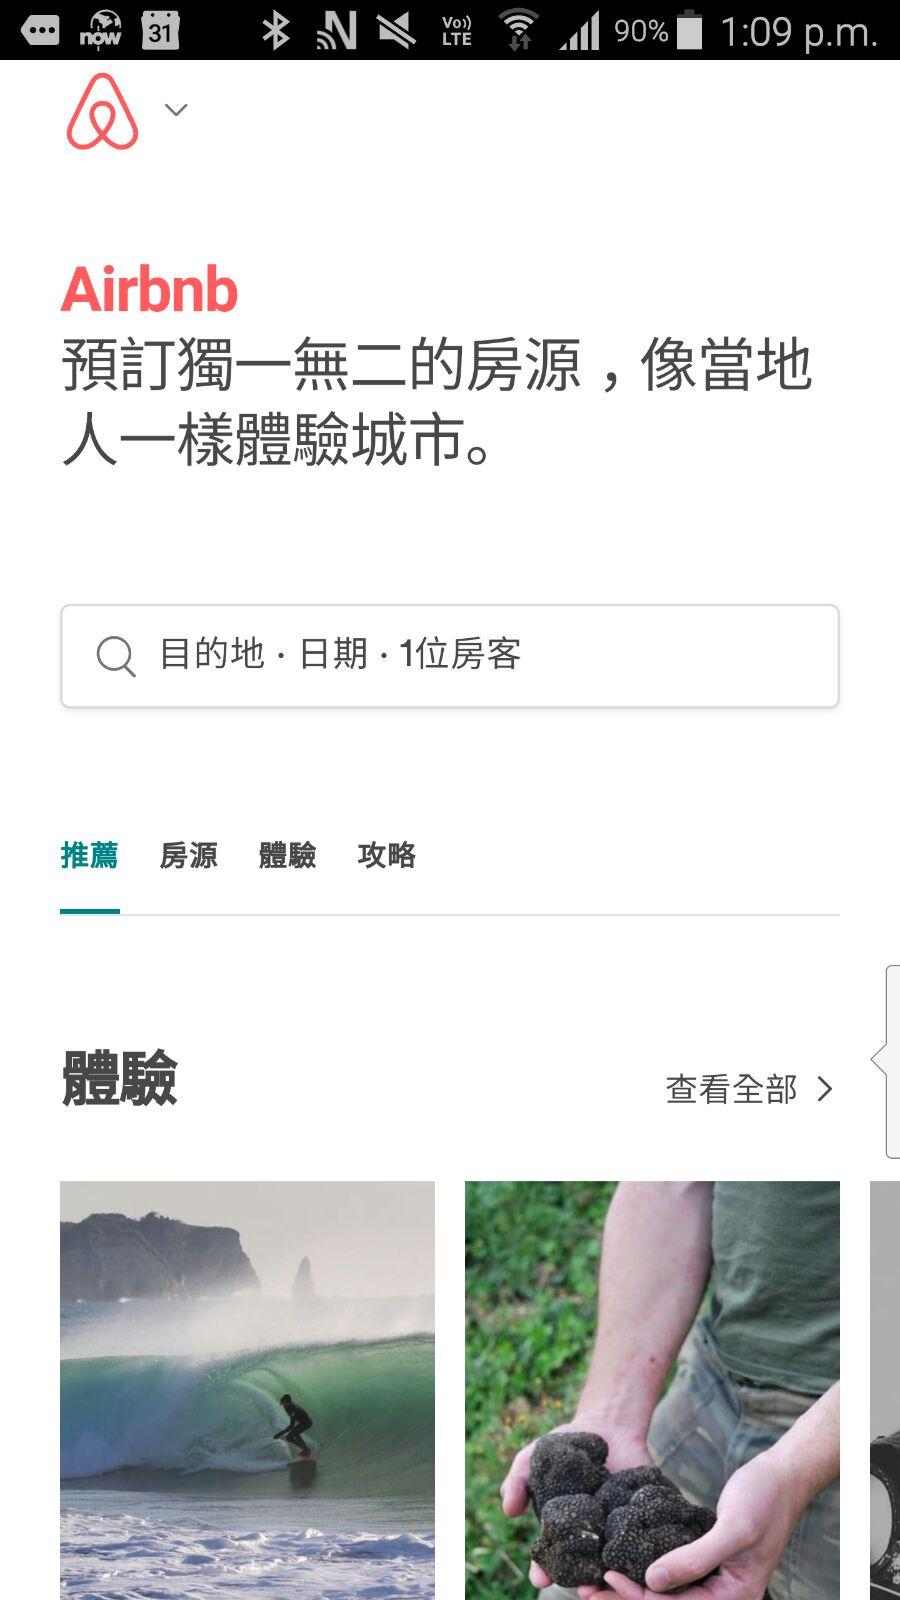 Airbnb 出租物業,乃經營無牌旅館,香港仍屬違法